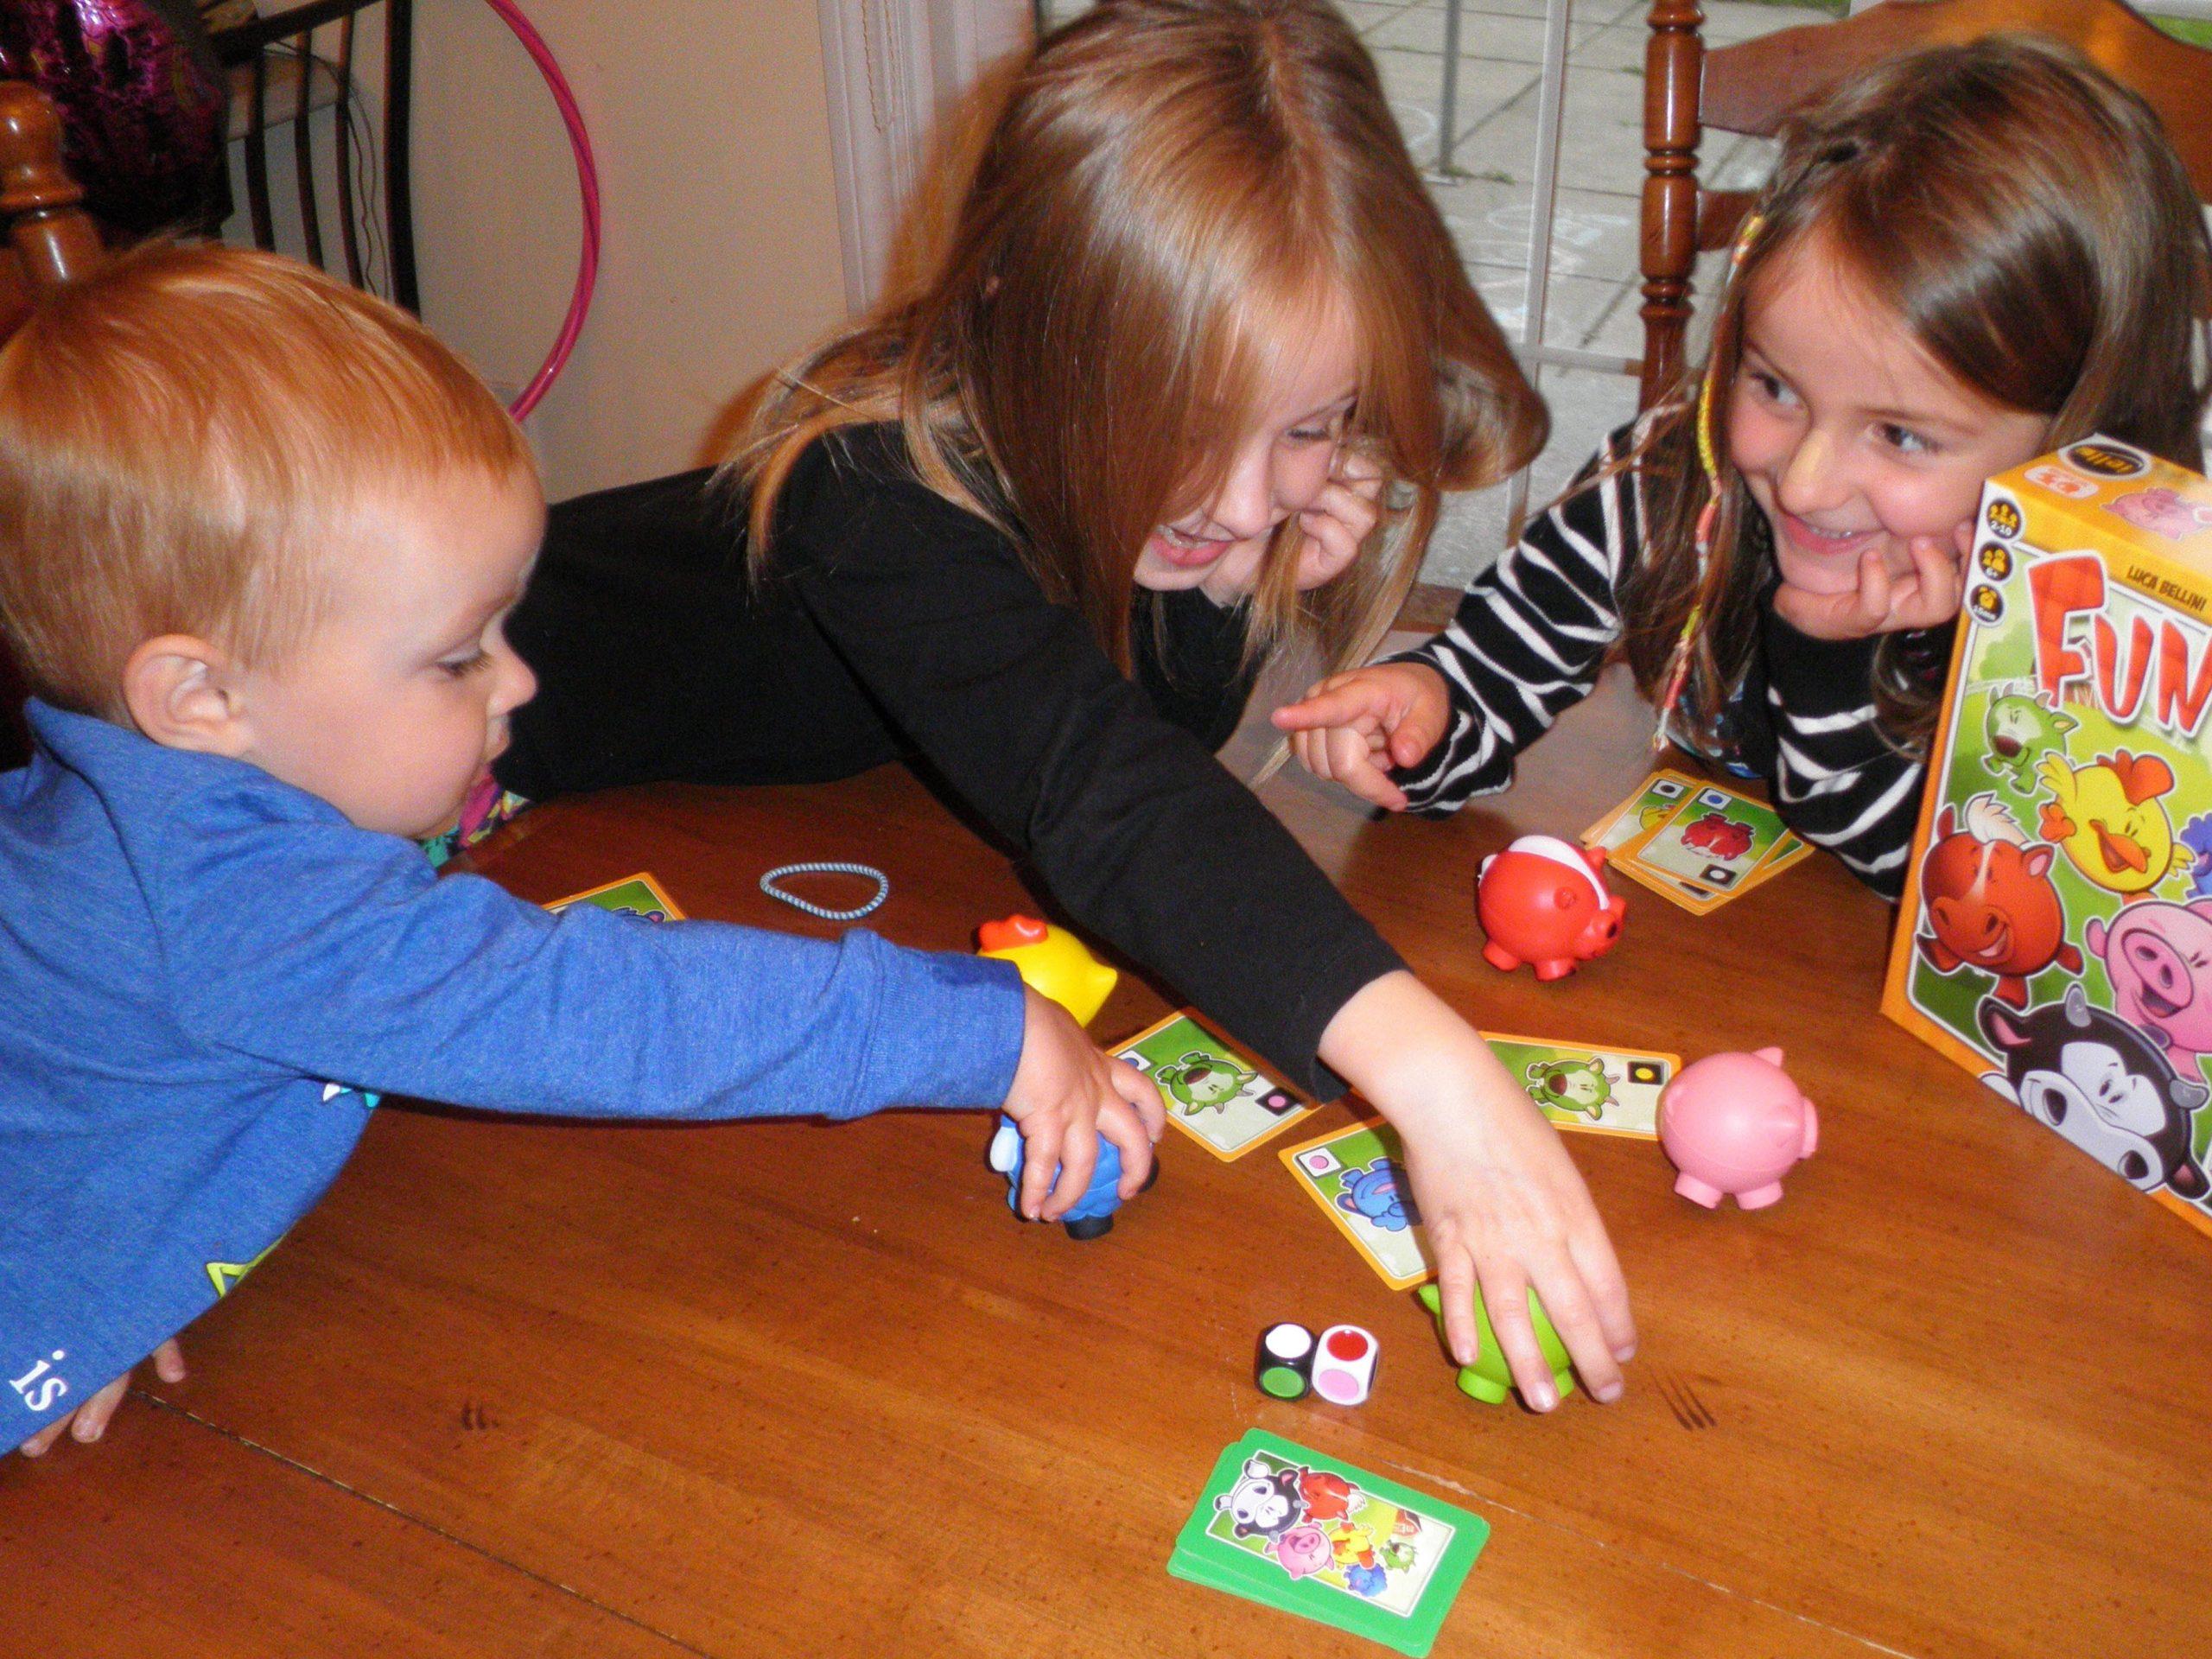 Quels Jouets Pour Les 3 À 5 Ans? avec Jeux Pour Enfant De 7 Ans